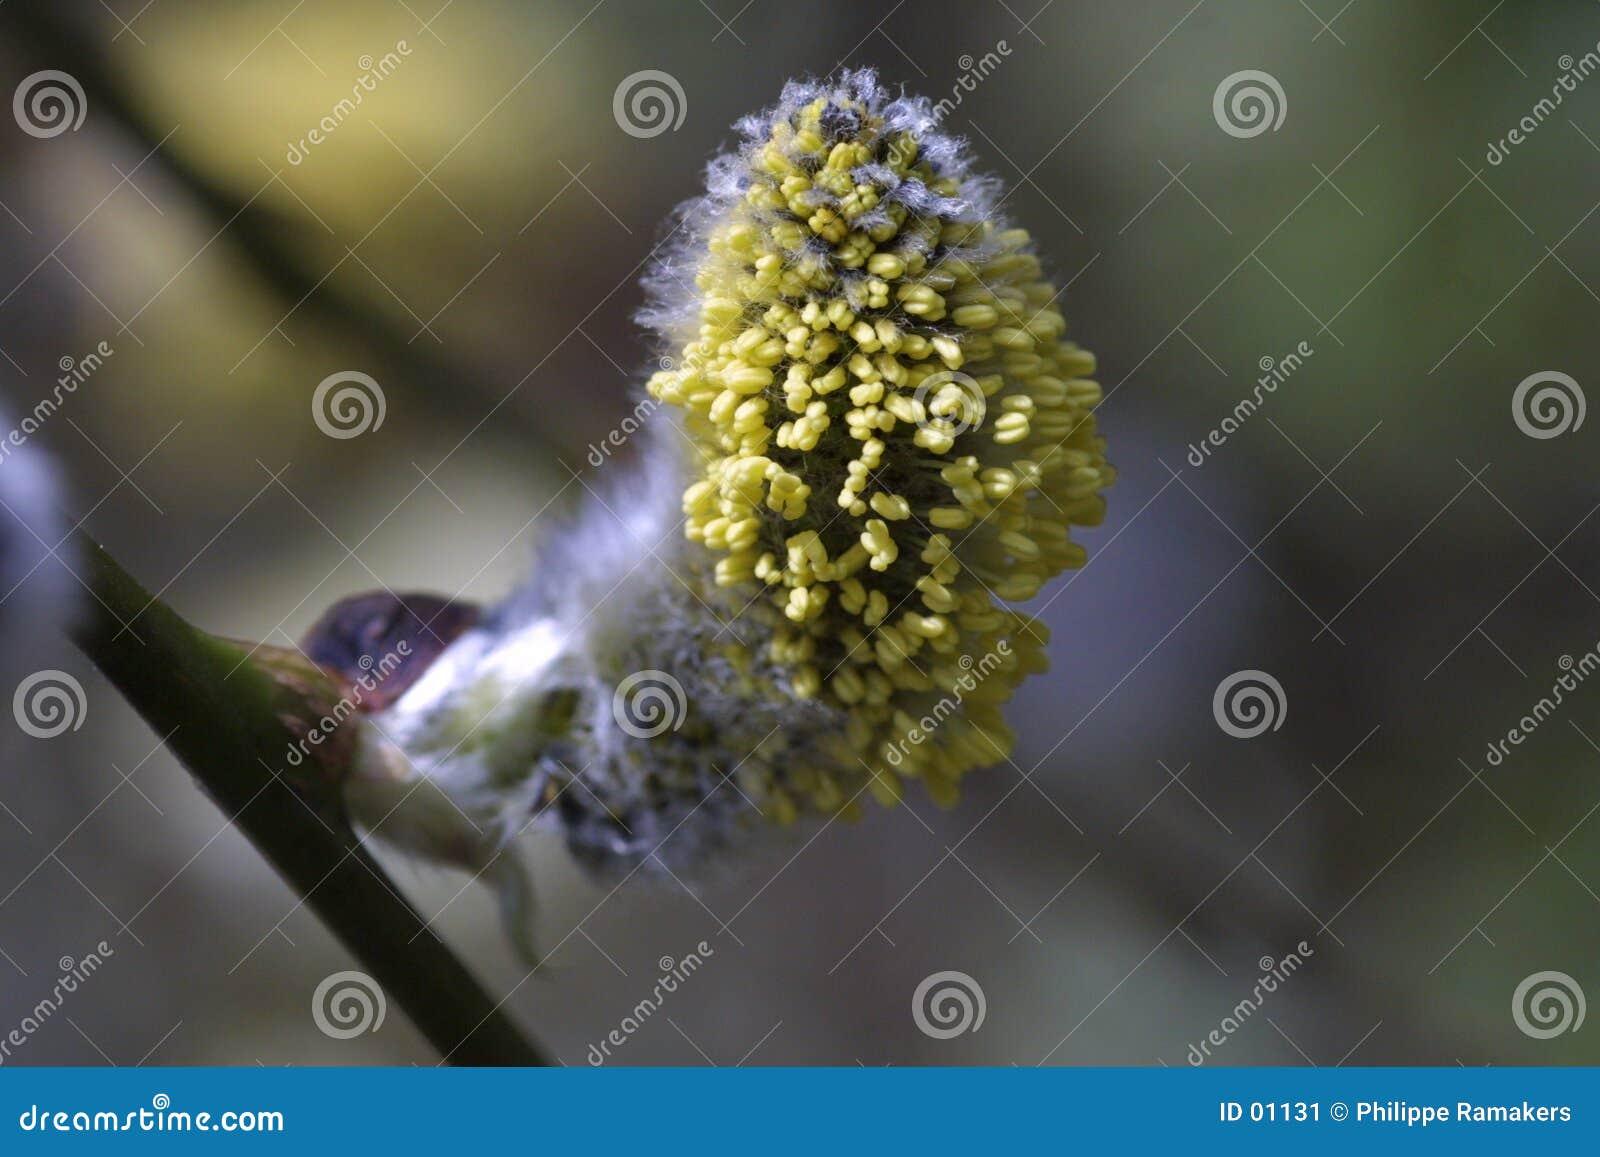 De installatie van de lente